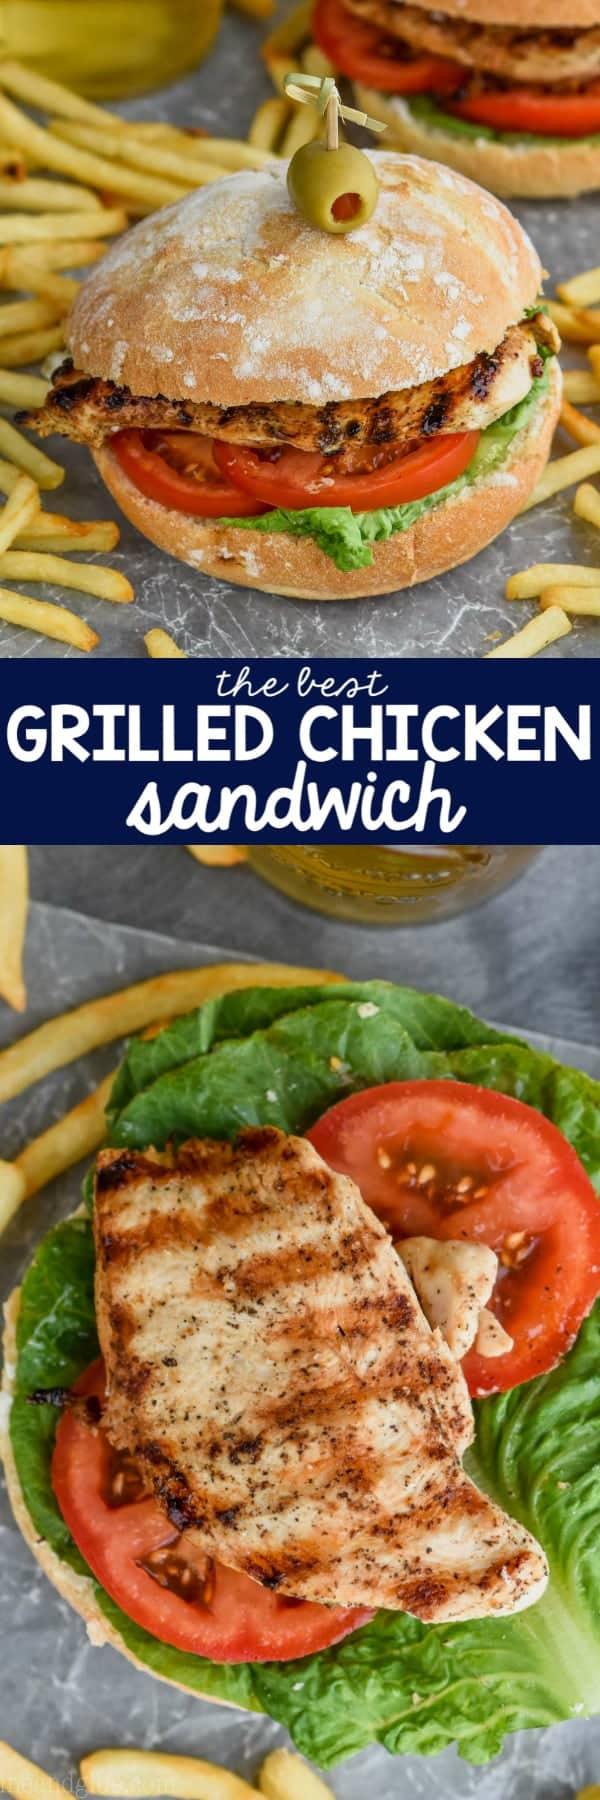 grilled chicken sandwich recipe on top in bun, overhead grilled chicken on bun on bottom